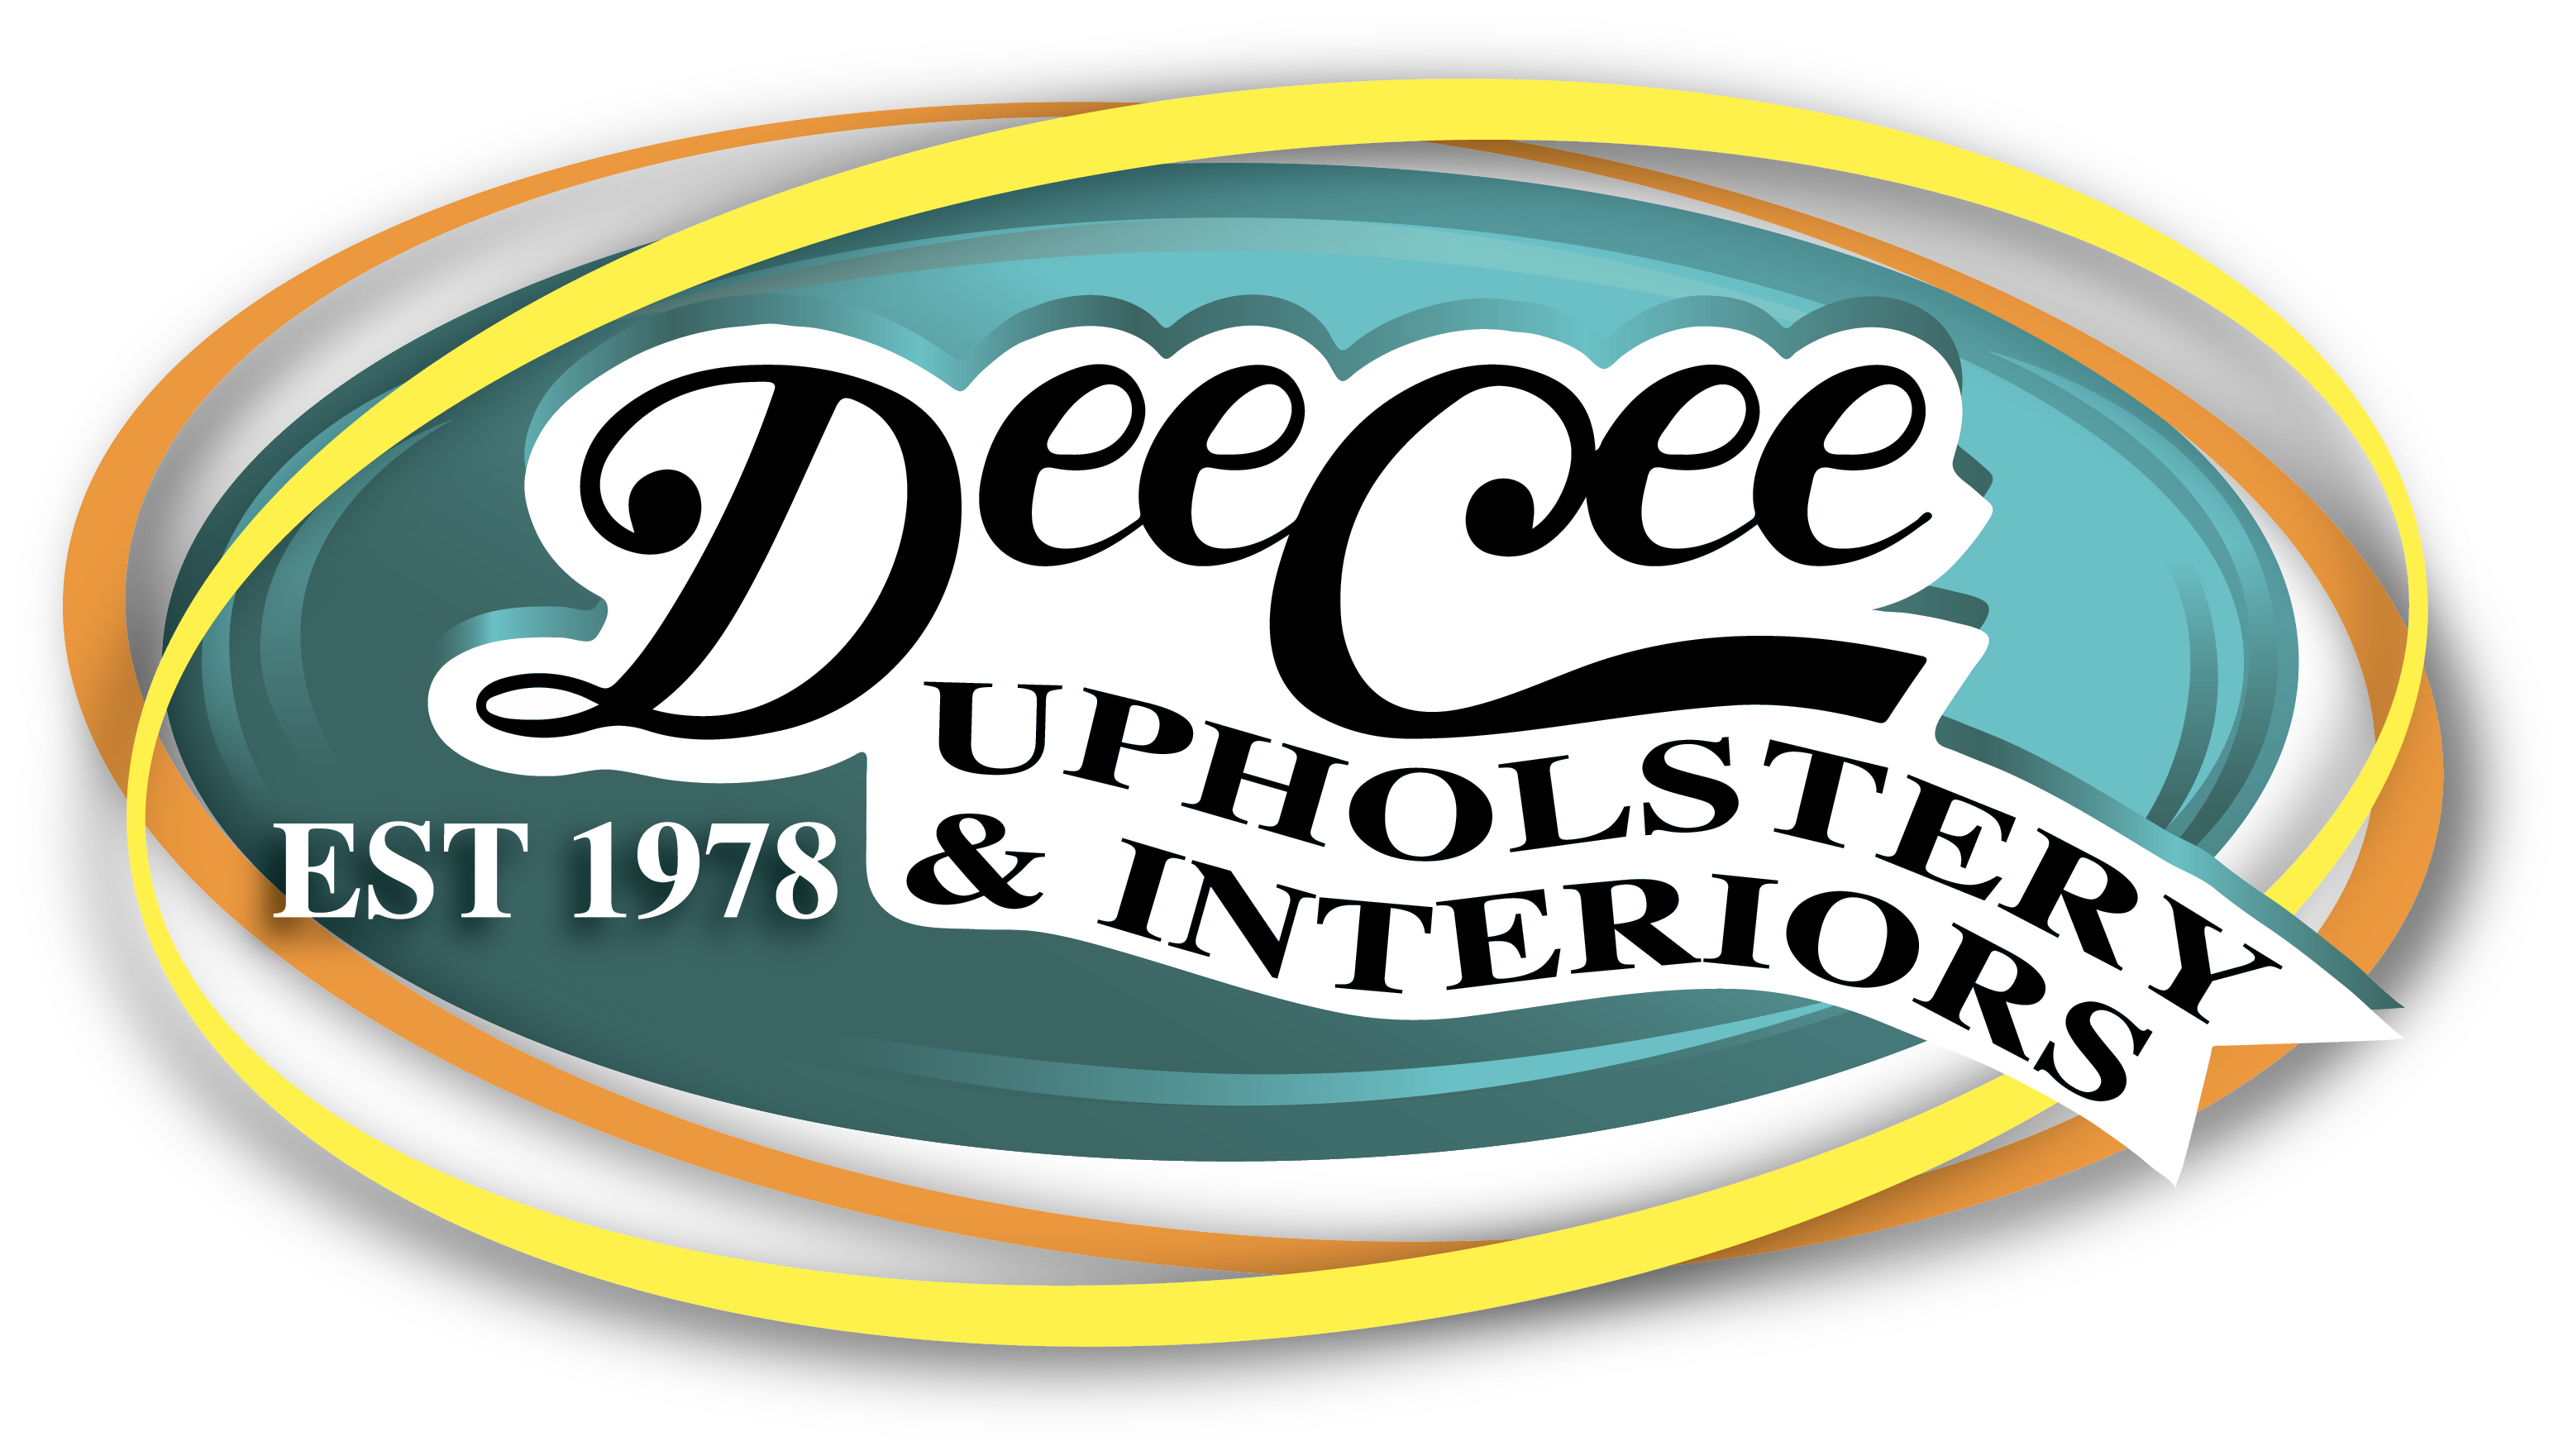 Dee Cee Upholstery